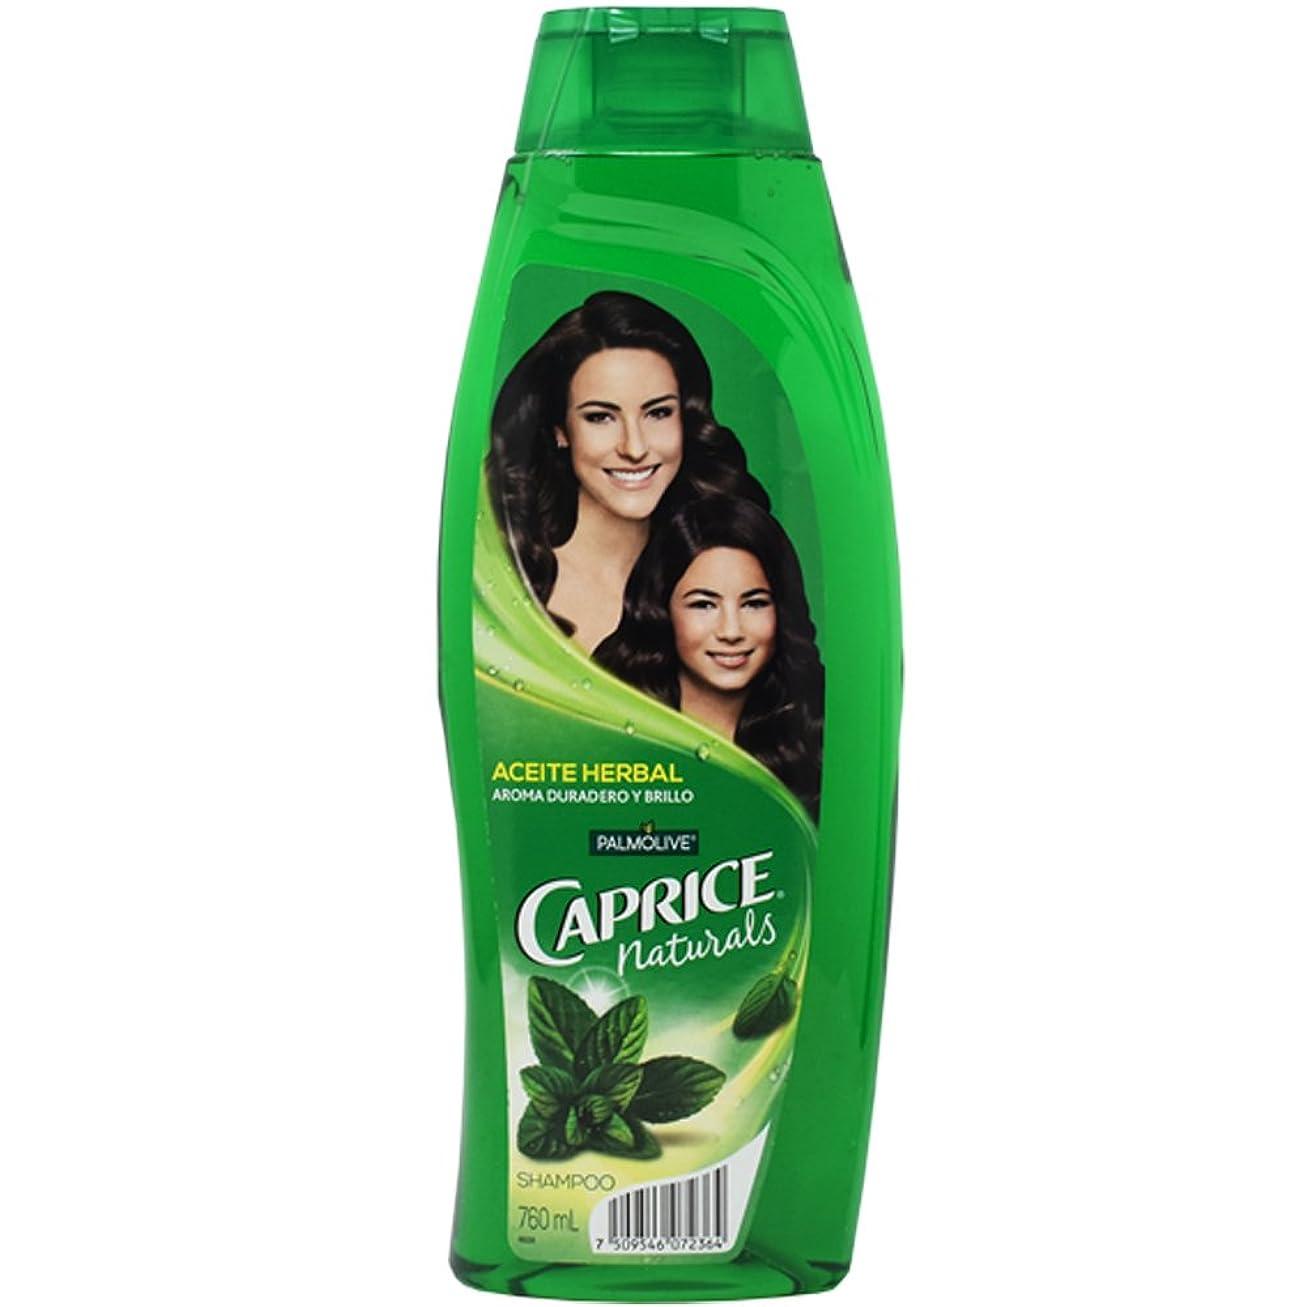 正規化ビルダー平等Caprice Naturals Shampoo con Aceite Herbal 800ml by Palmolive [並行輸入品]